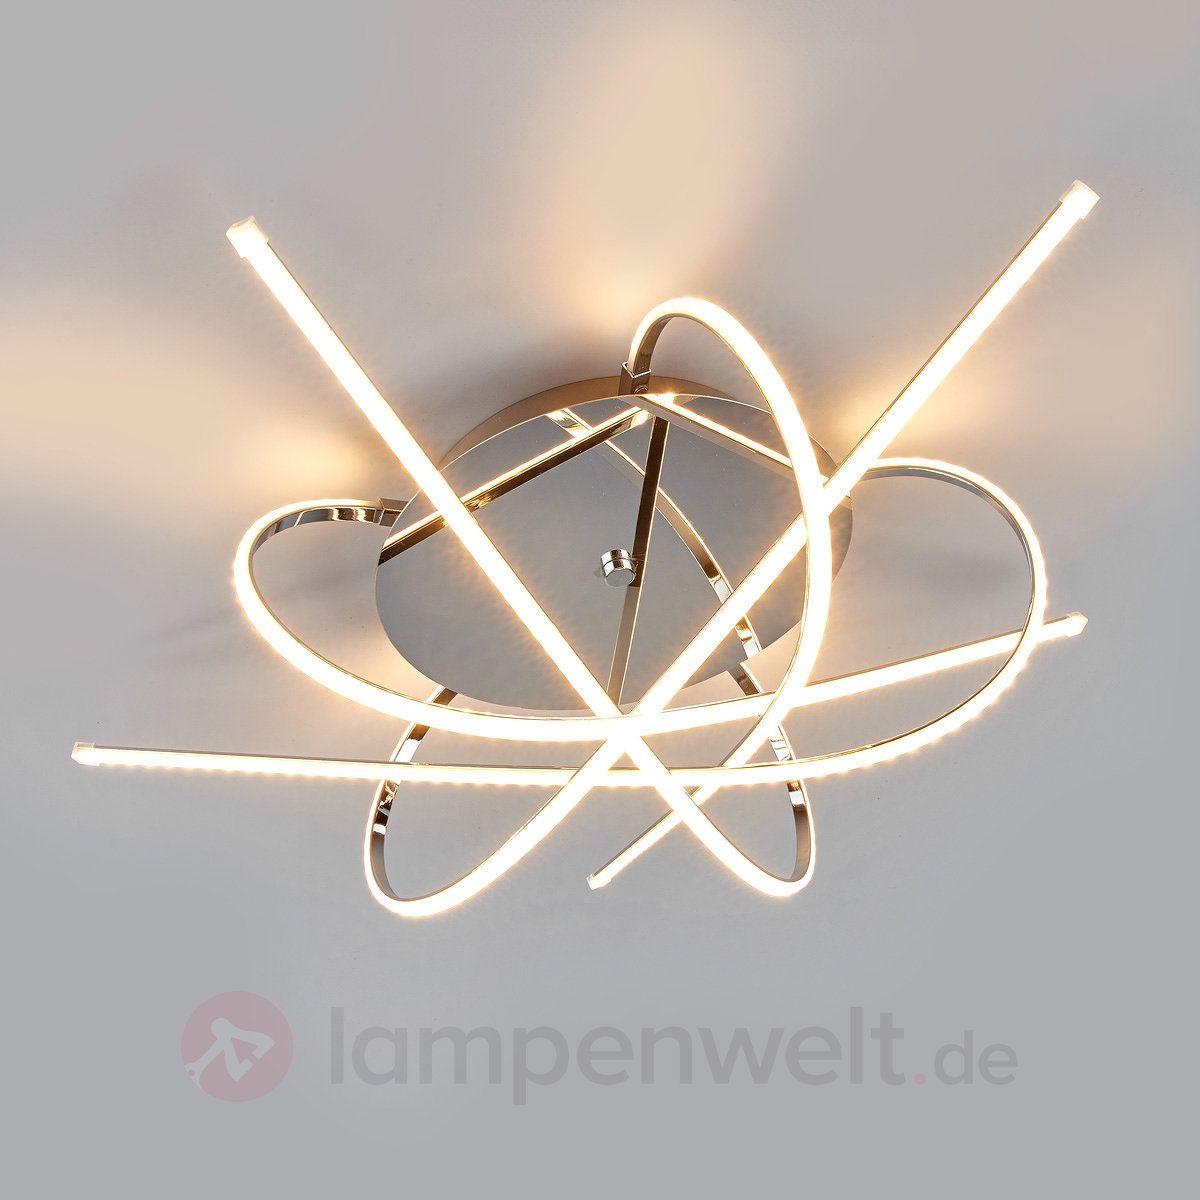 Individuell Gestaltete Led Deckenlampe Hanne Kaufen Schones